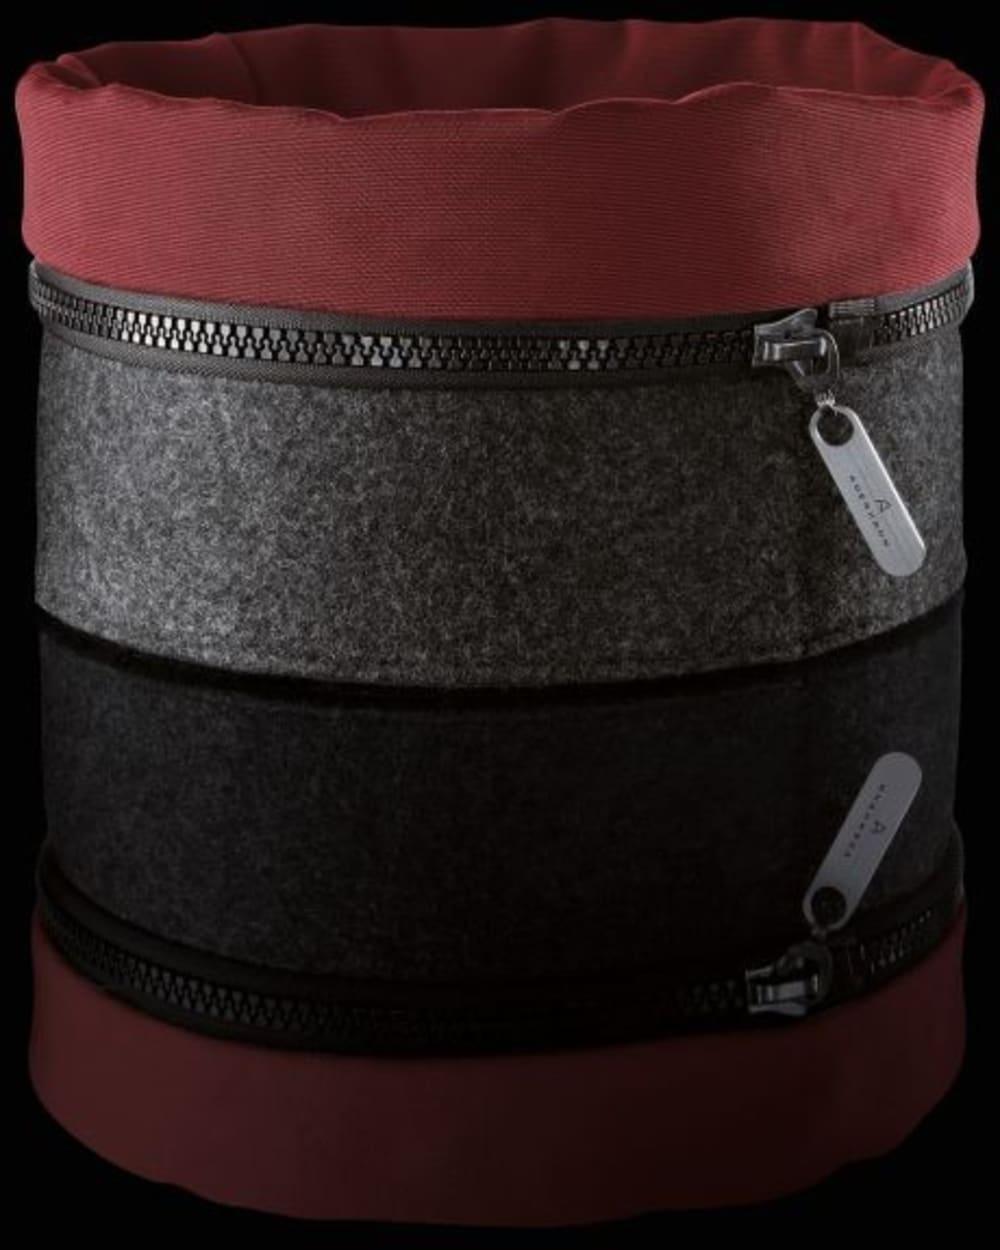 Auerhahn - Filcowy koszyk ZIPP, czerwony, bez opak